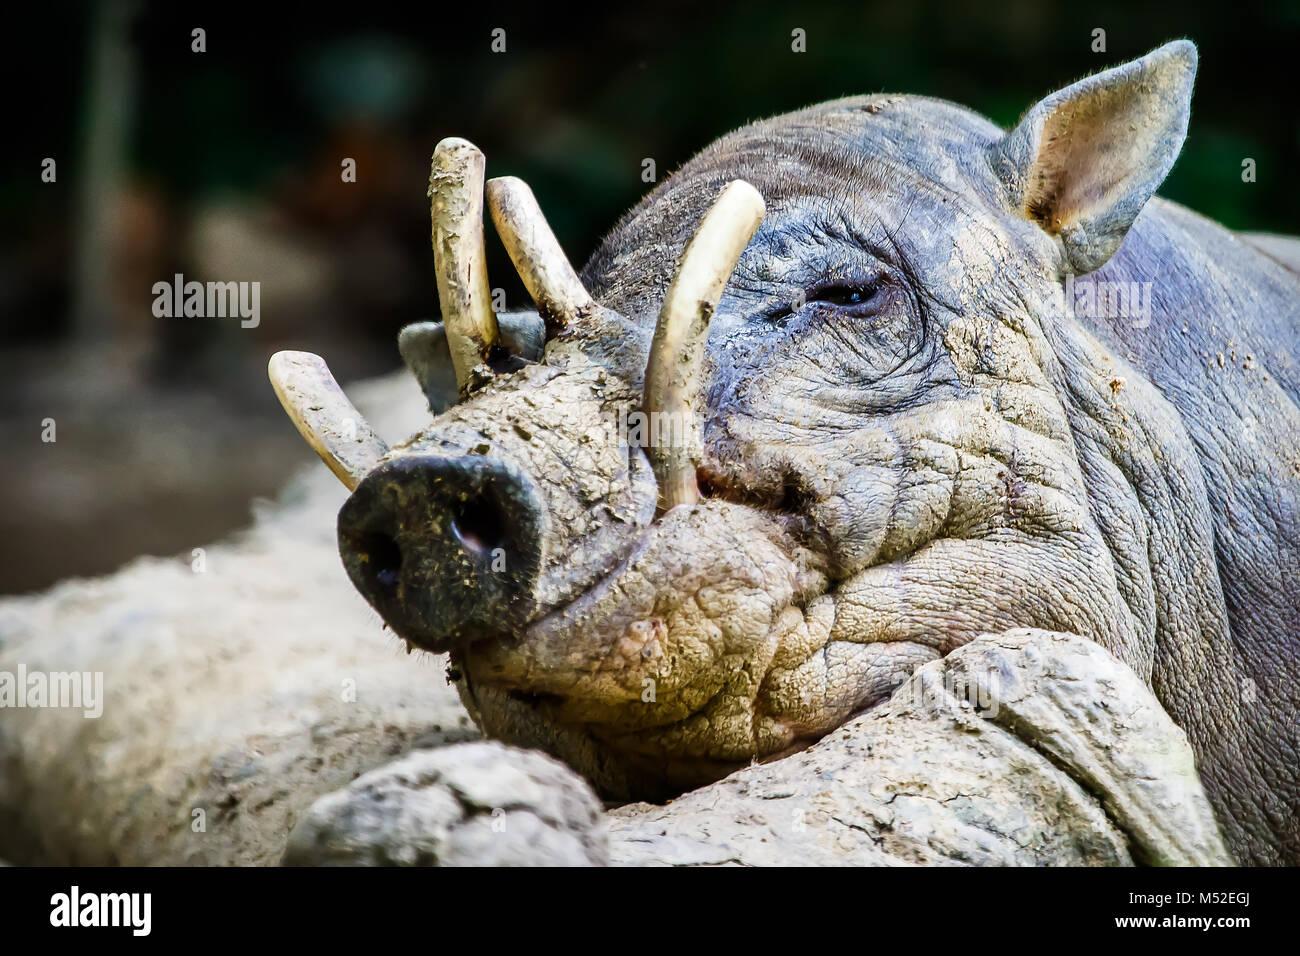 Sleepy Babirusa - Stock Image